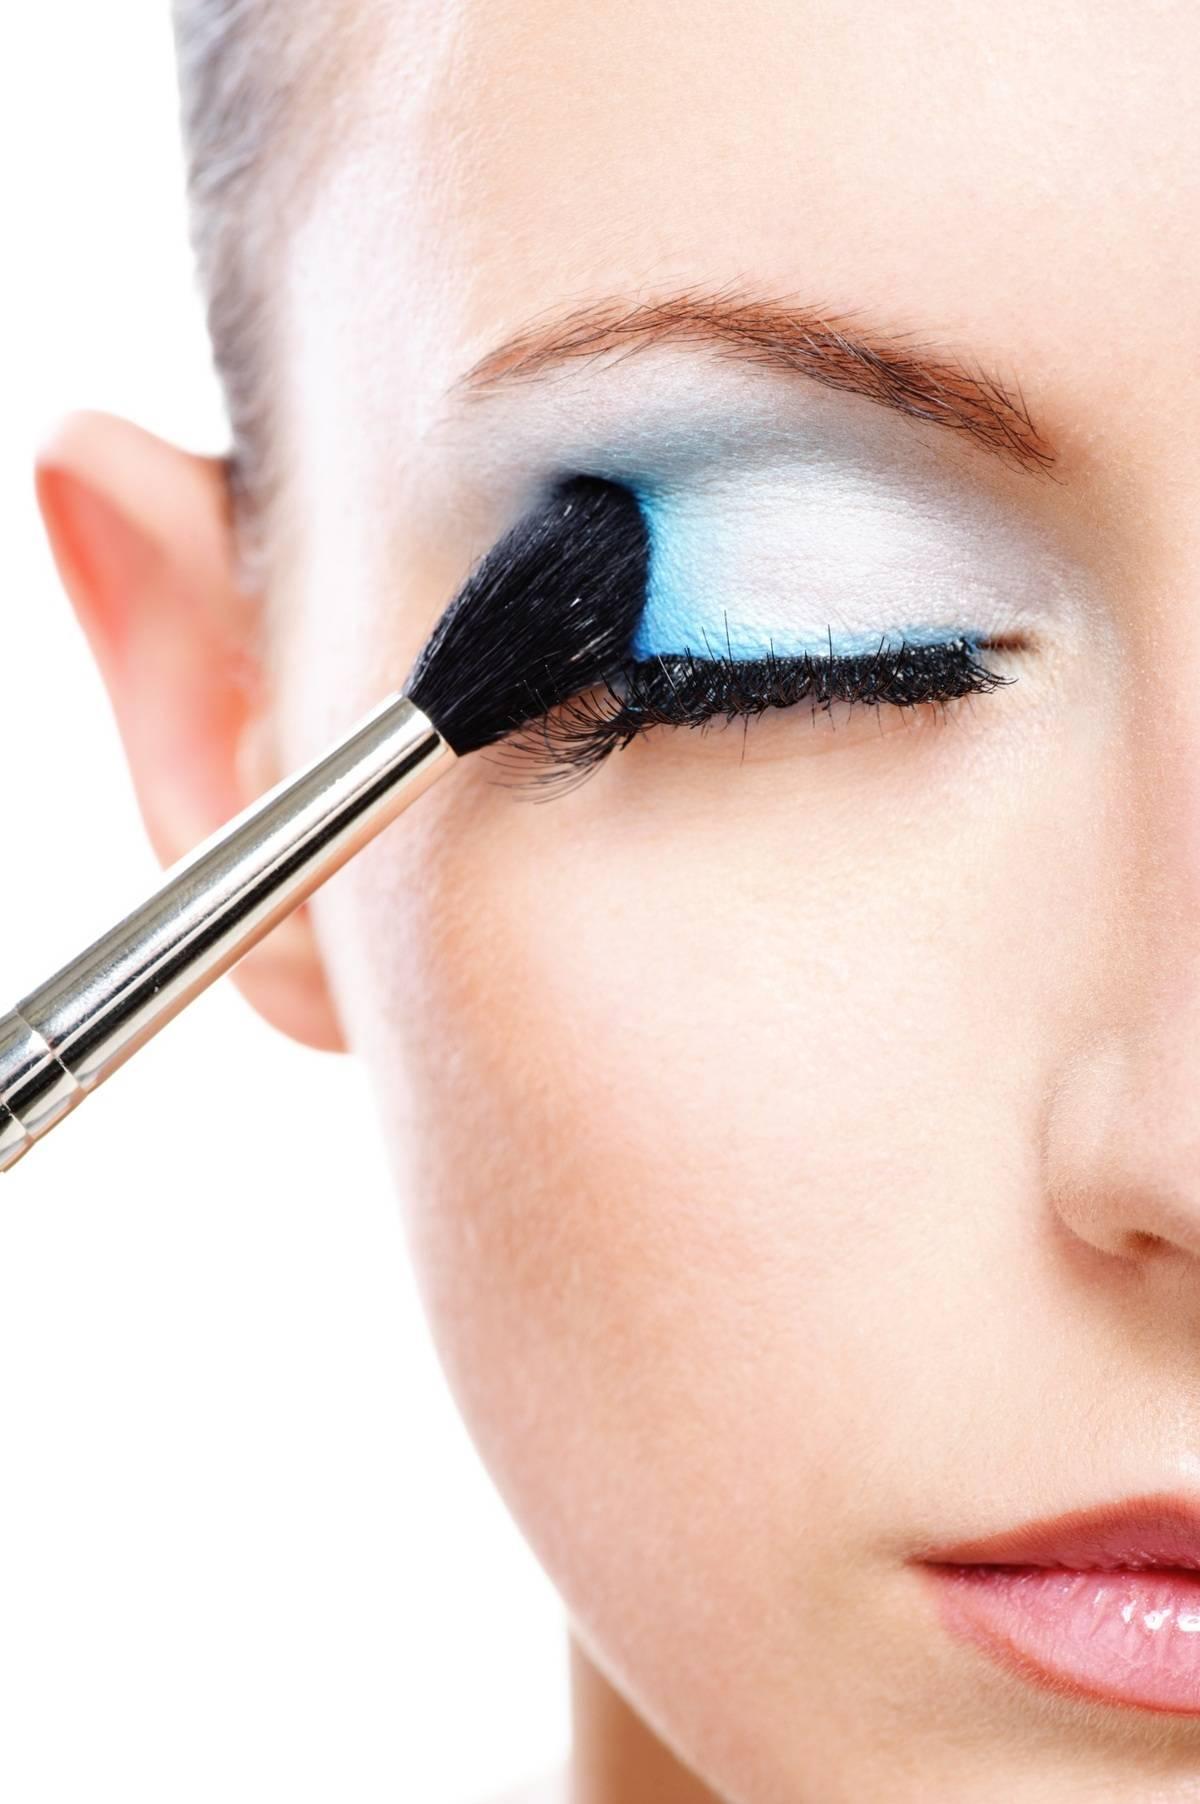 9ac252781 ... lentes de contato,; Dê preferência a maquiagens que não sejam à prova  d'água, pois maquiagens muito ...